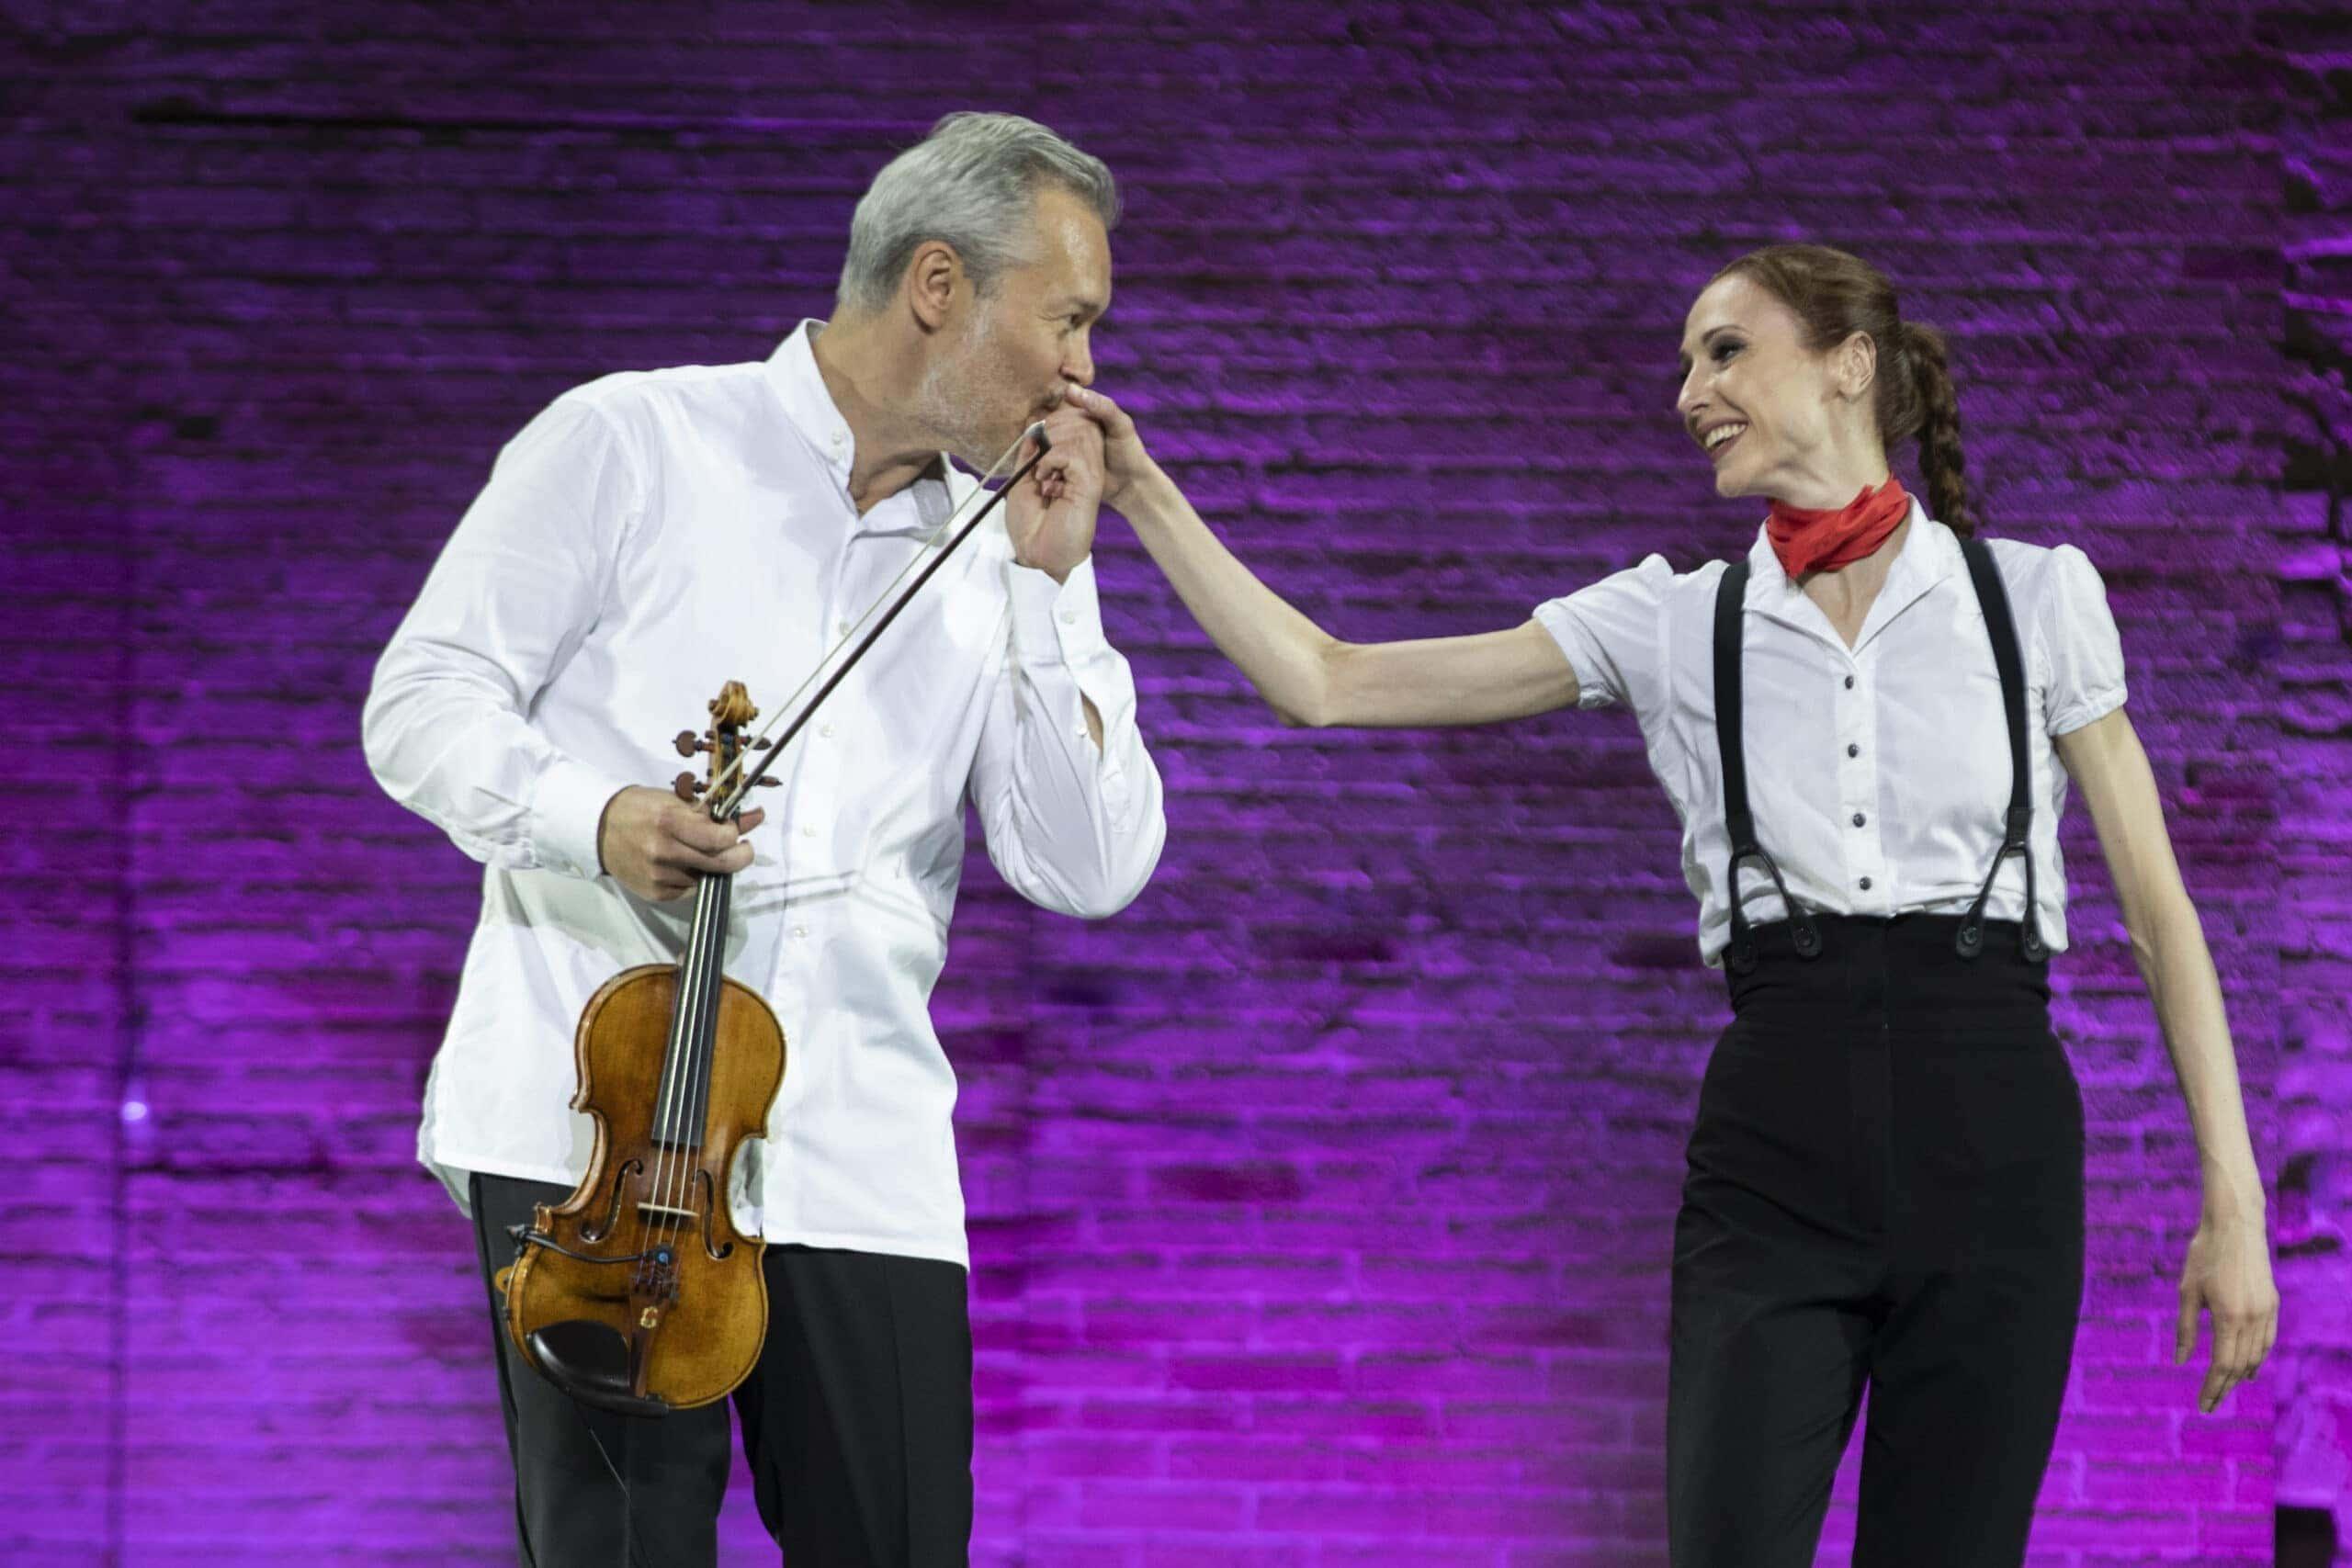 Вадим Репин и Светлана Захарова. Фото - Tabocchini Zanconi